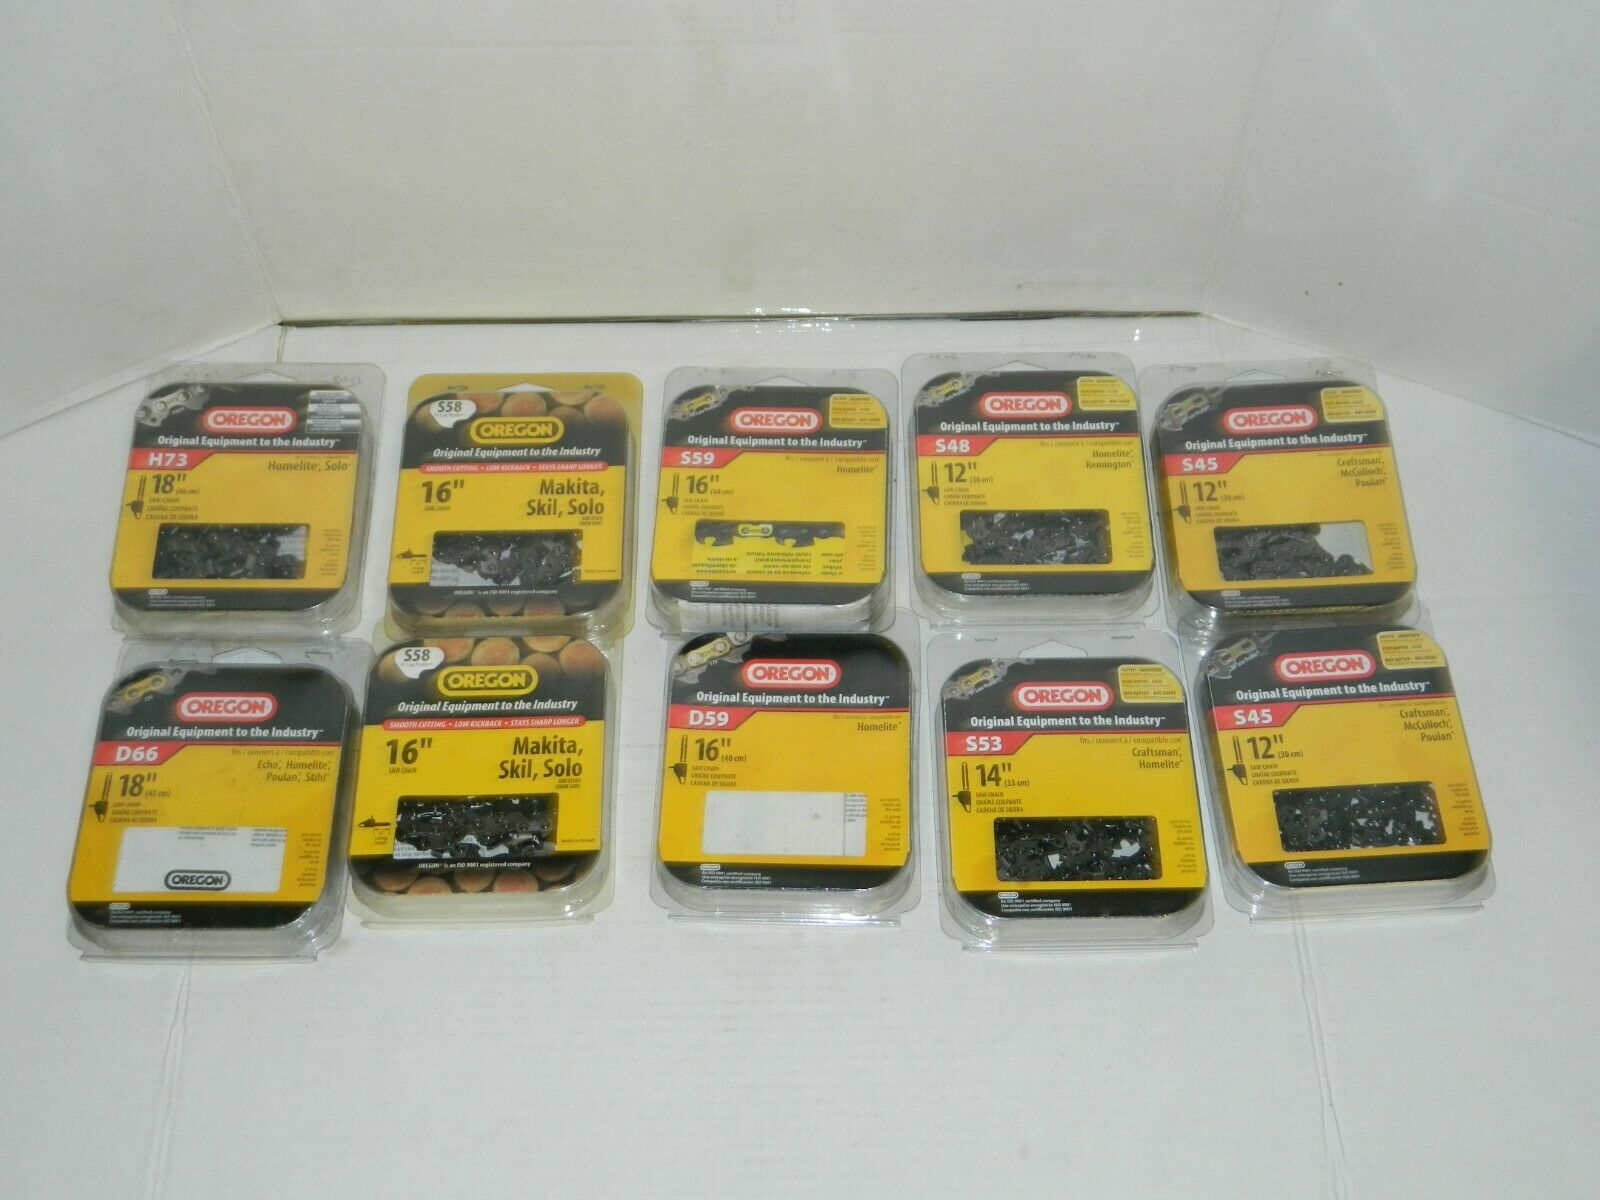 Lote de 10 Cadenas De Motosierra Oregon-H73, D66, D59, S45, S48, S53, S58 y S59